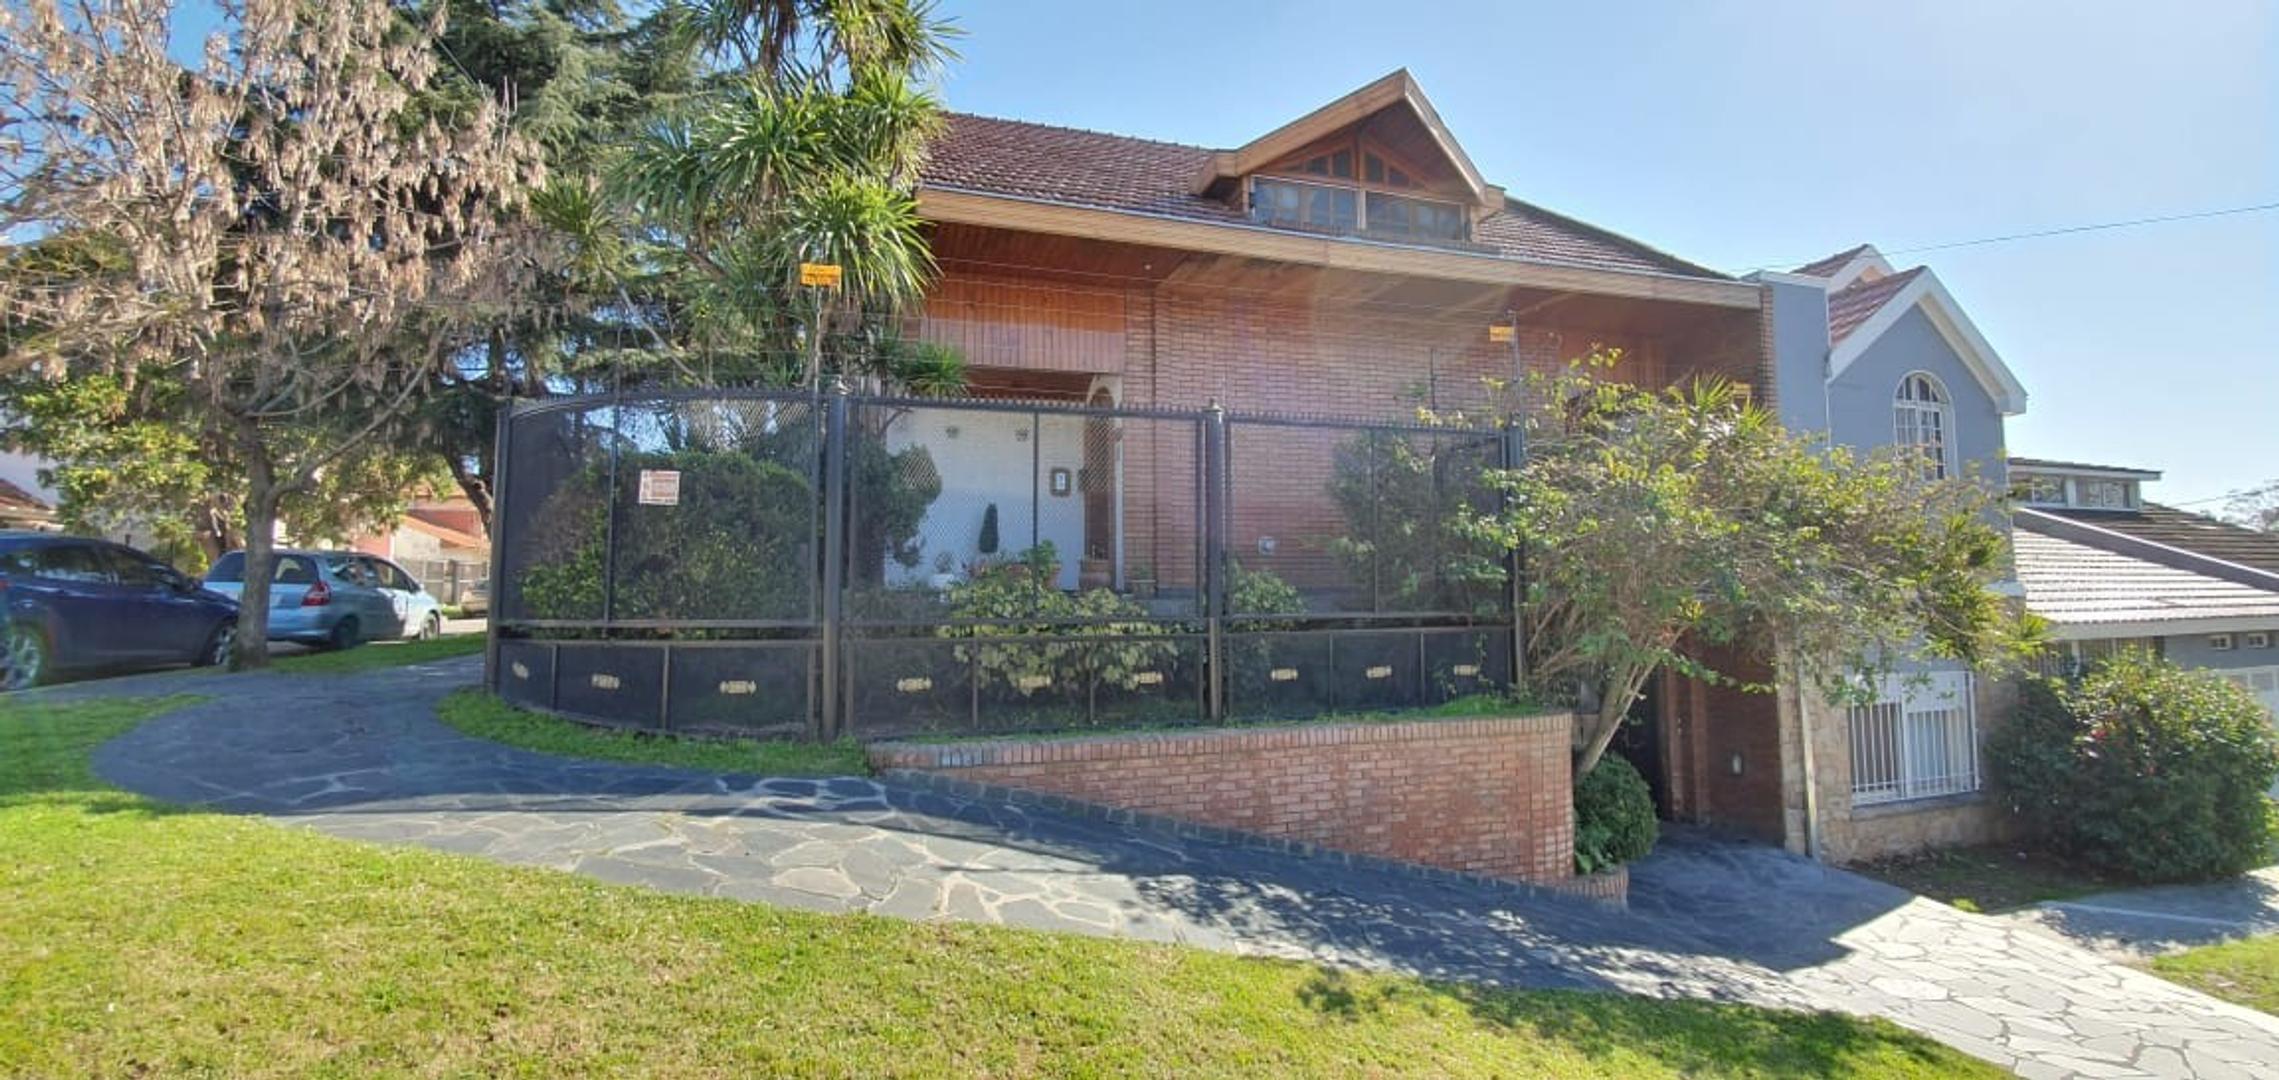 Casa en Venta en Don Bosco - 5 ambientes